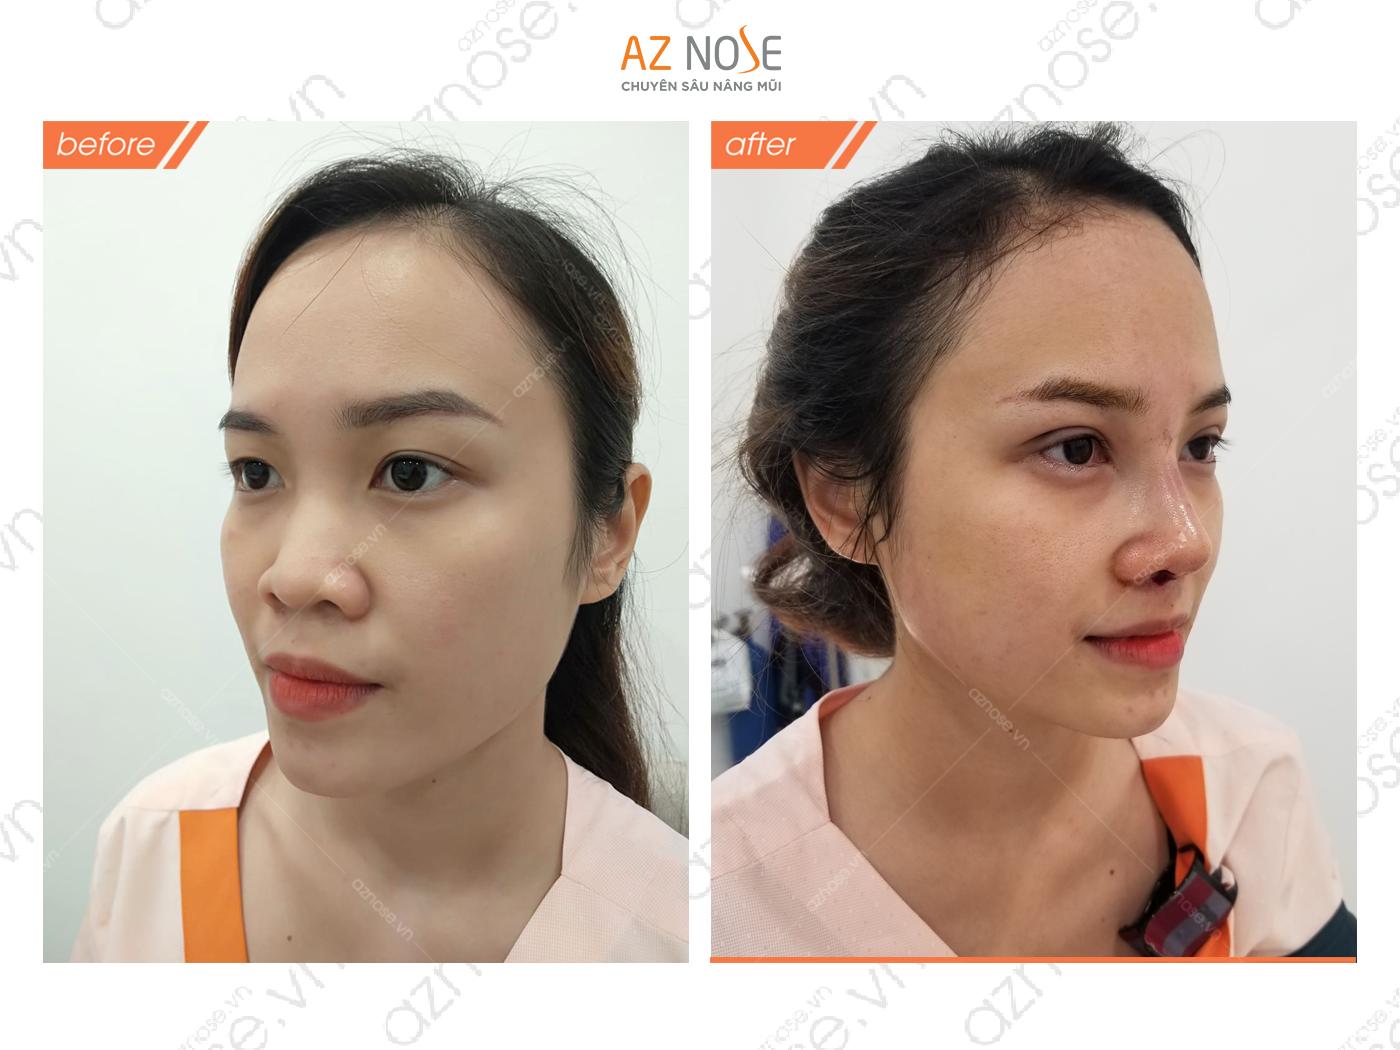 Khuyết điểm mũi thấp, đầu mũi to được khắc phục hiệu quả sau khi nâng mũi cấu trúc Surgiform